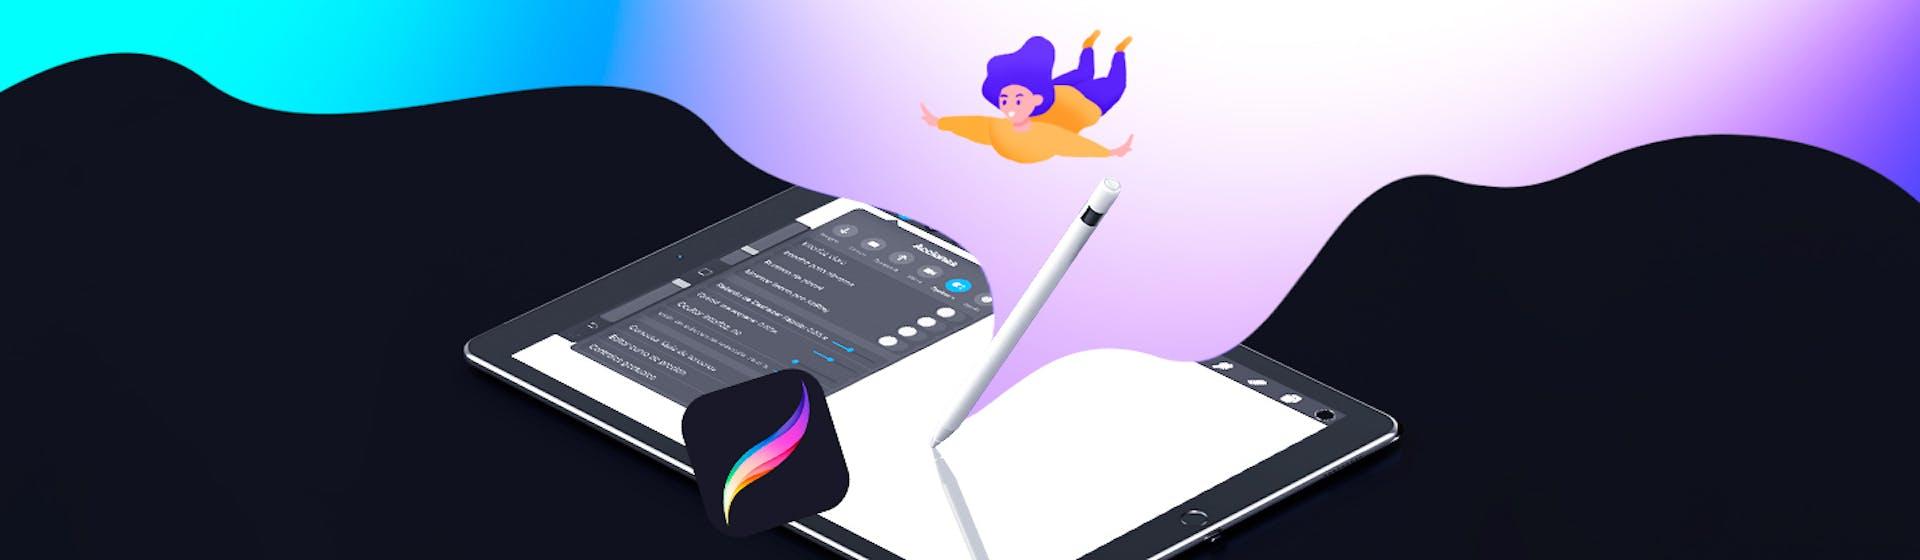 Procreate: la app favorita de los artistas (y 5 alternativas si tienes Android)